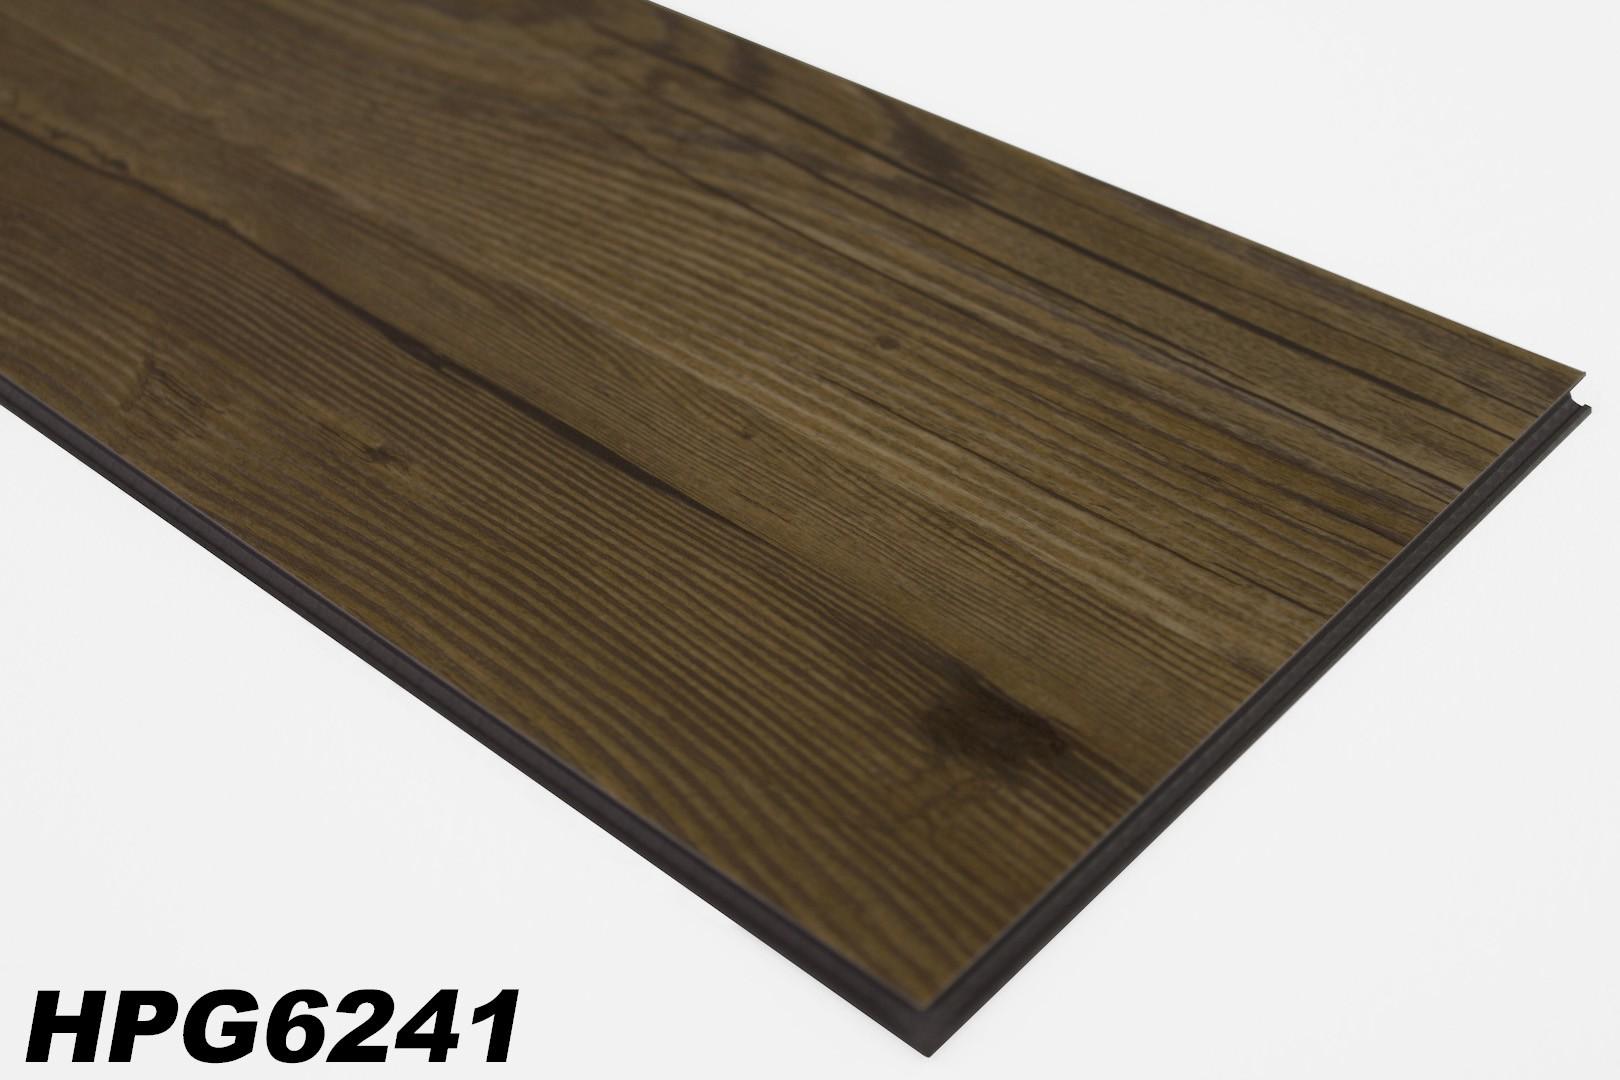 40,28 m² Vinyldielen in 4,2mm Klicksystem PVC-Boden Nutzschicht 0,3mm, HPG6241